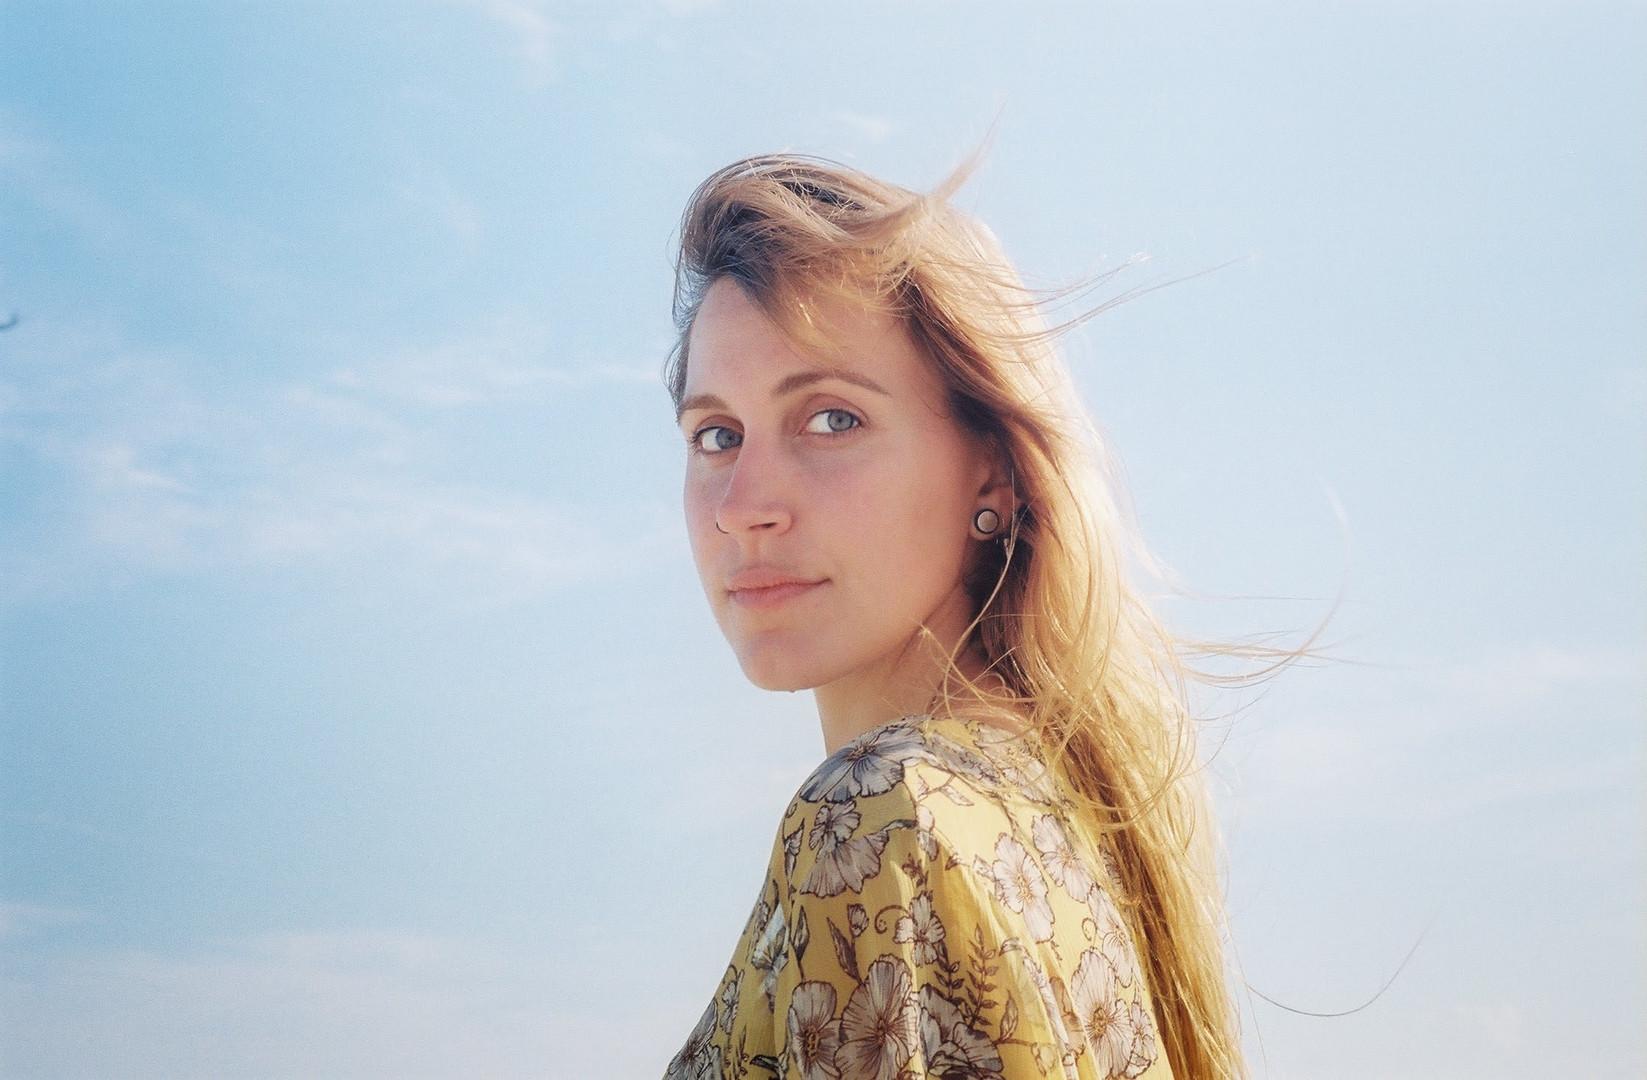 Aimee at Rockaway Beach